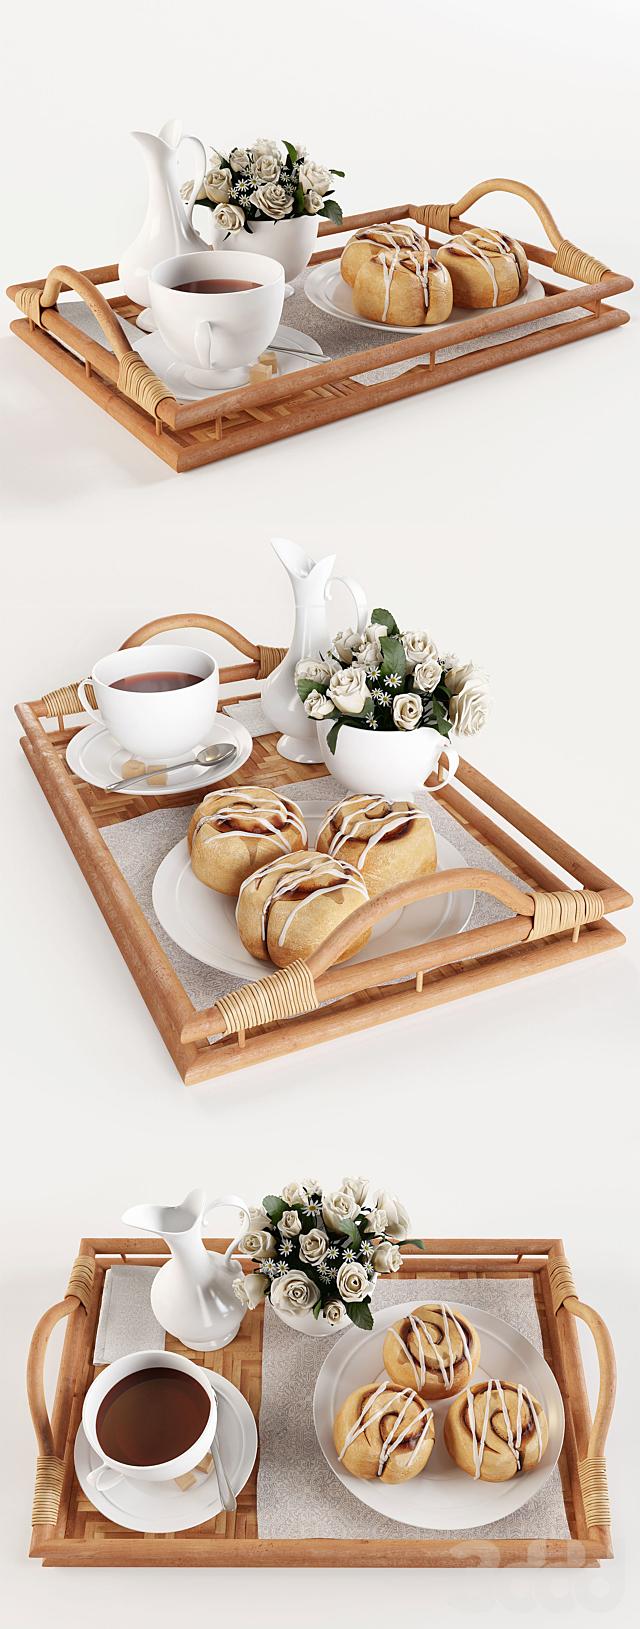 Завтрак на подносе W003